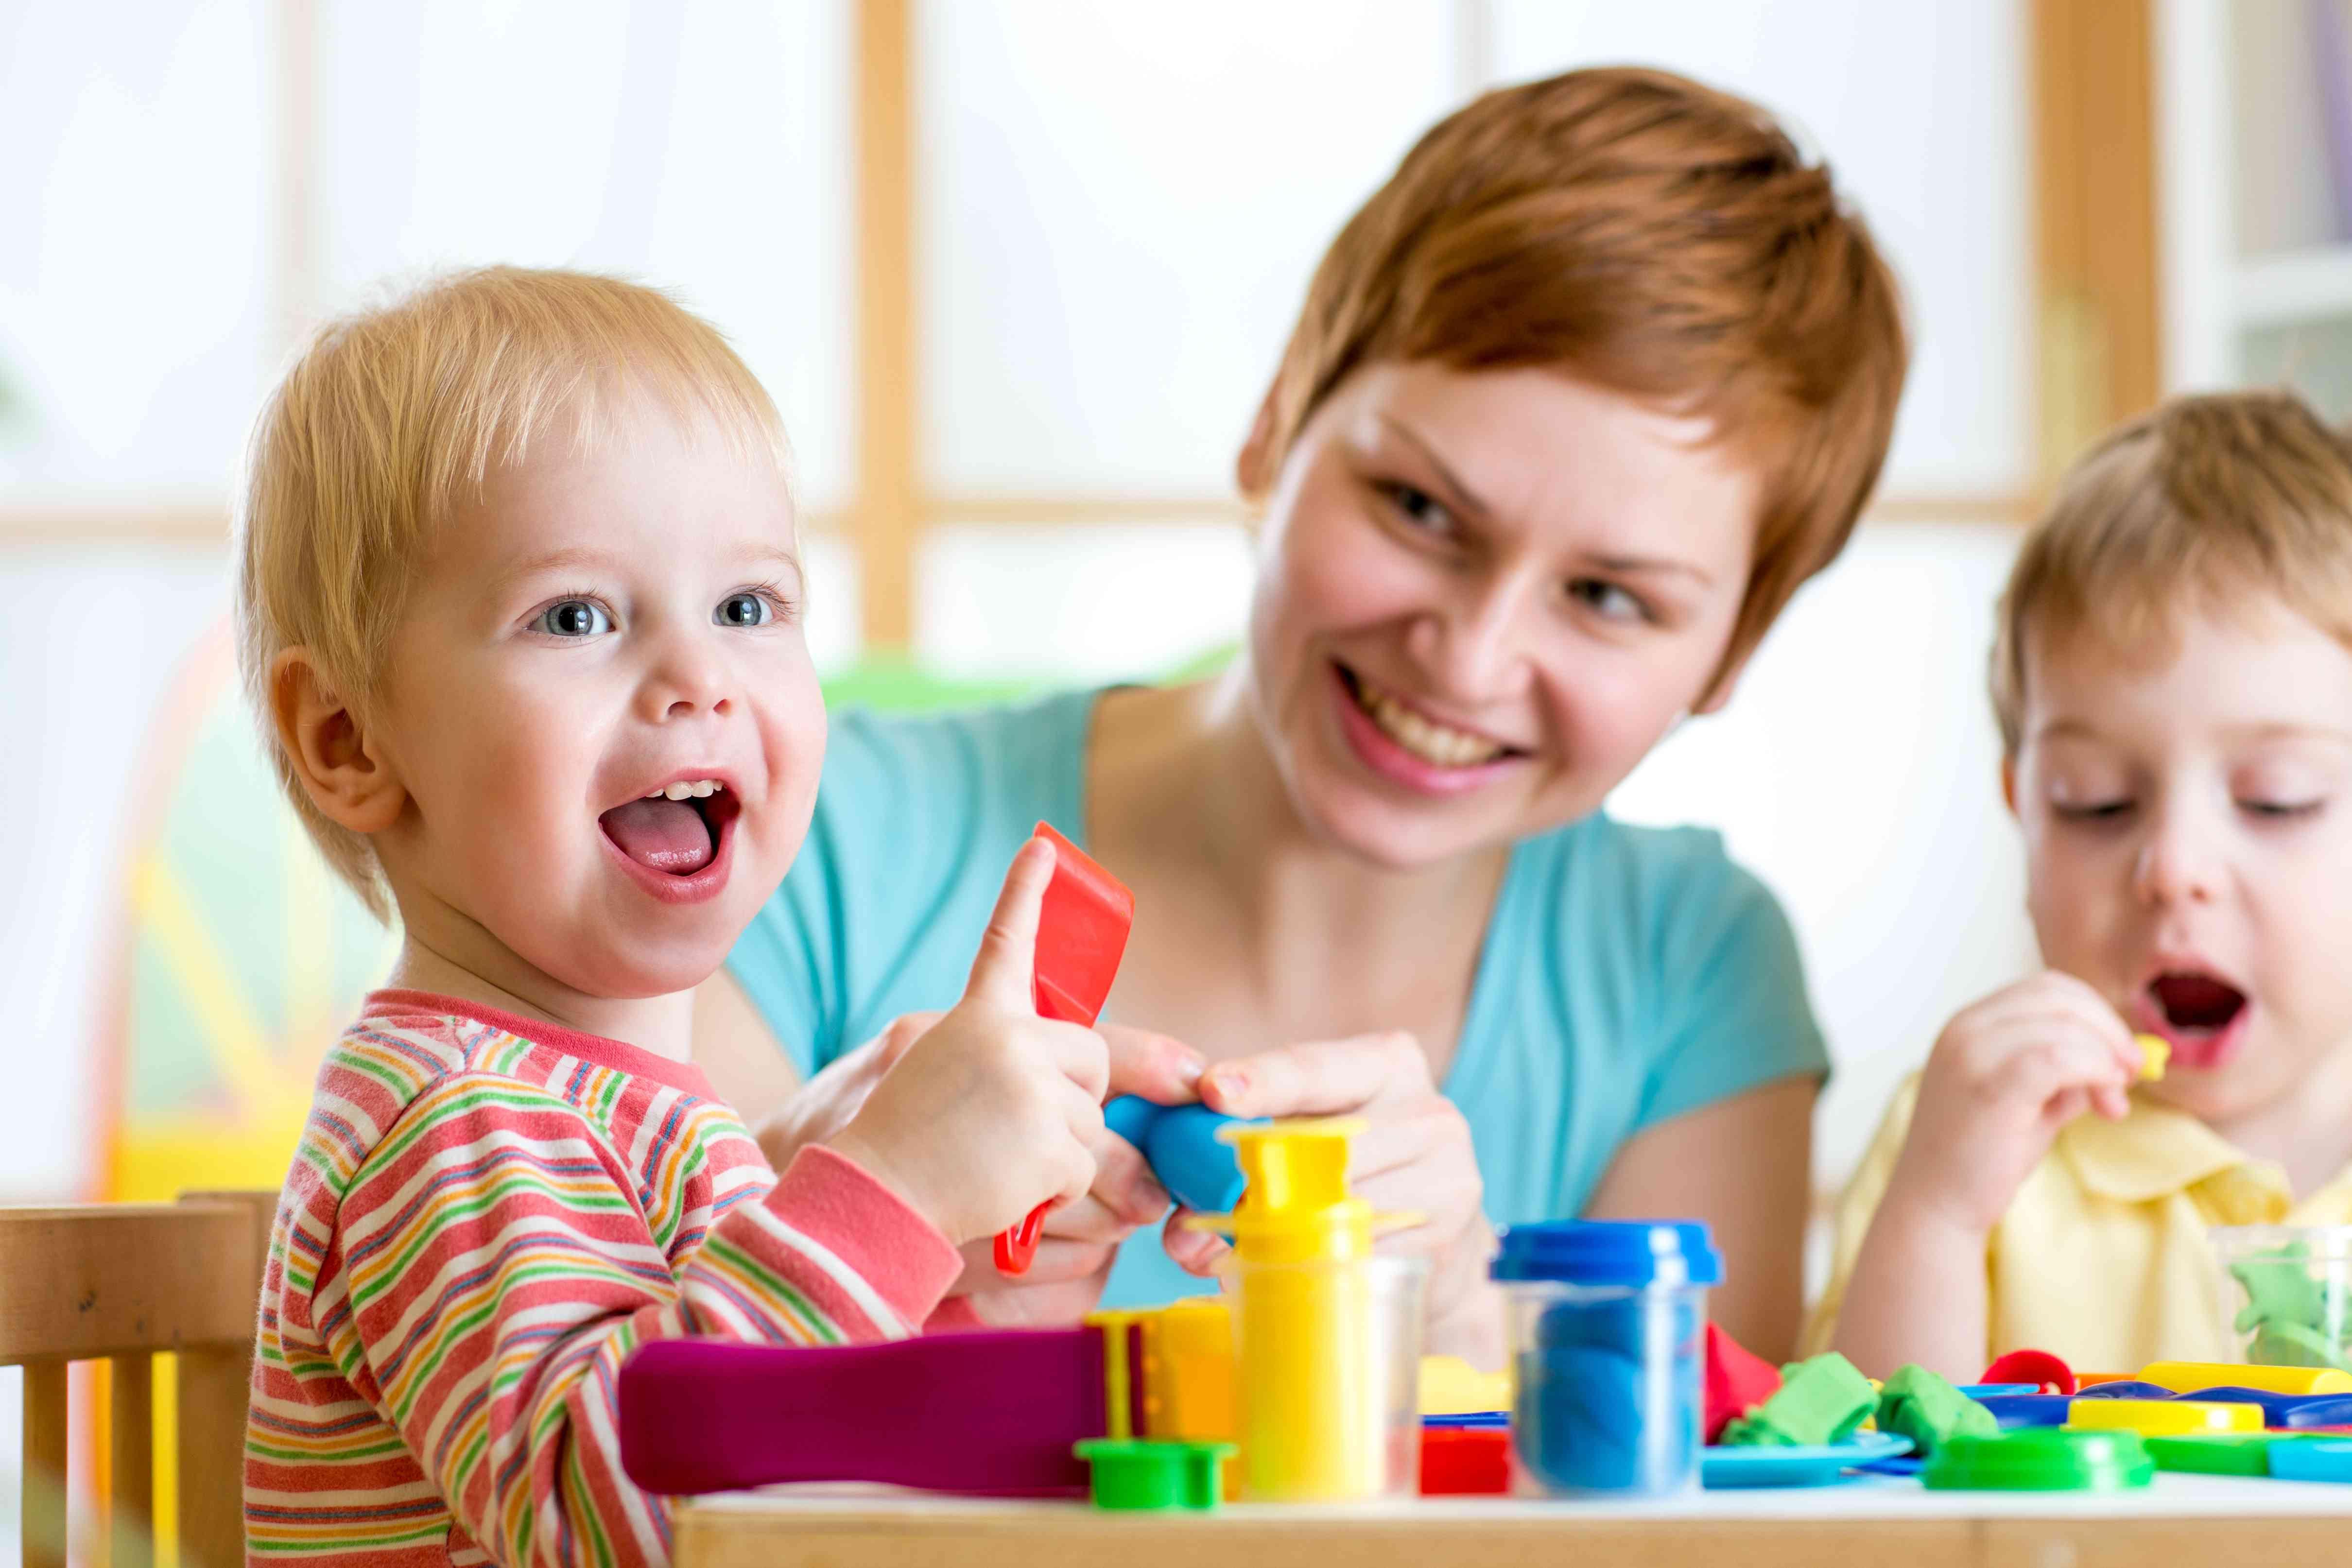 Child's Development